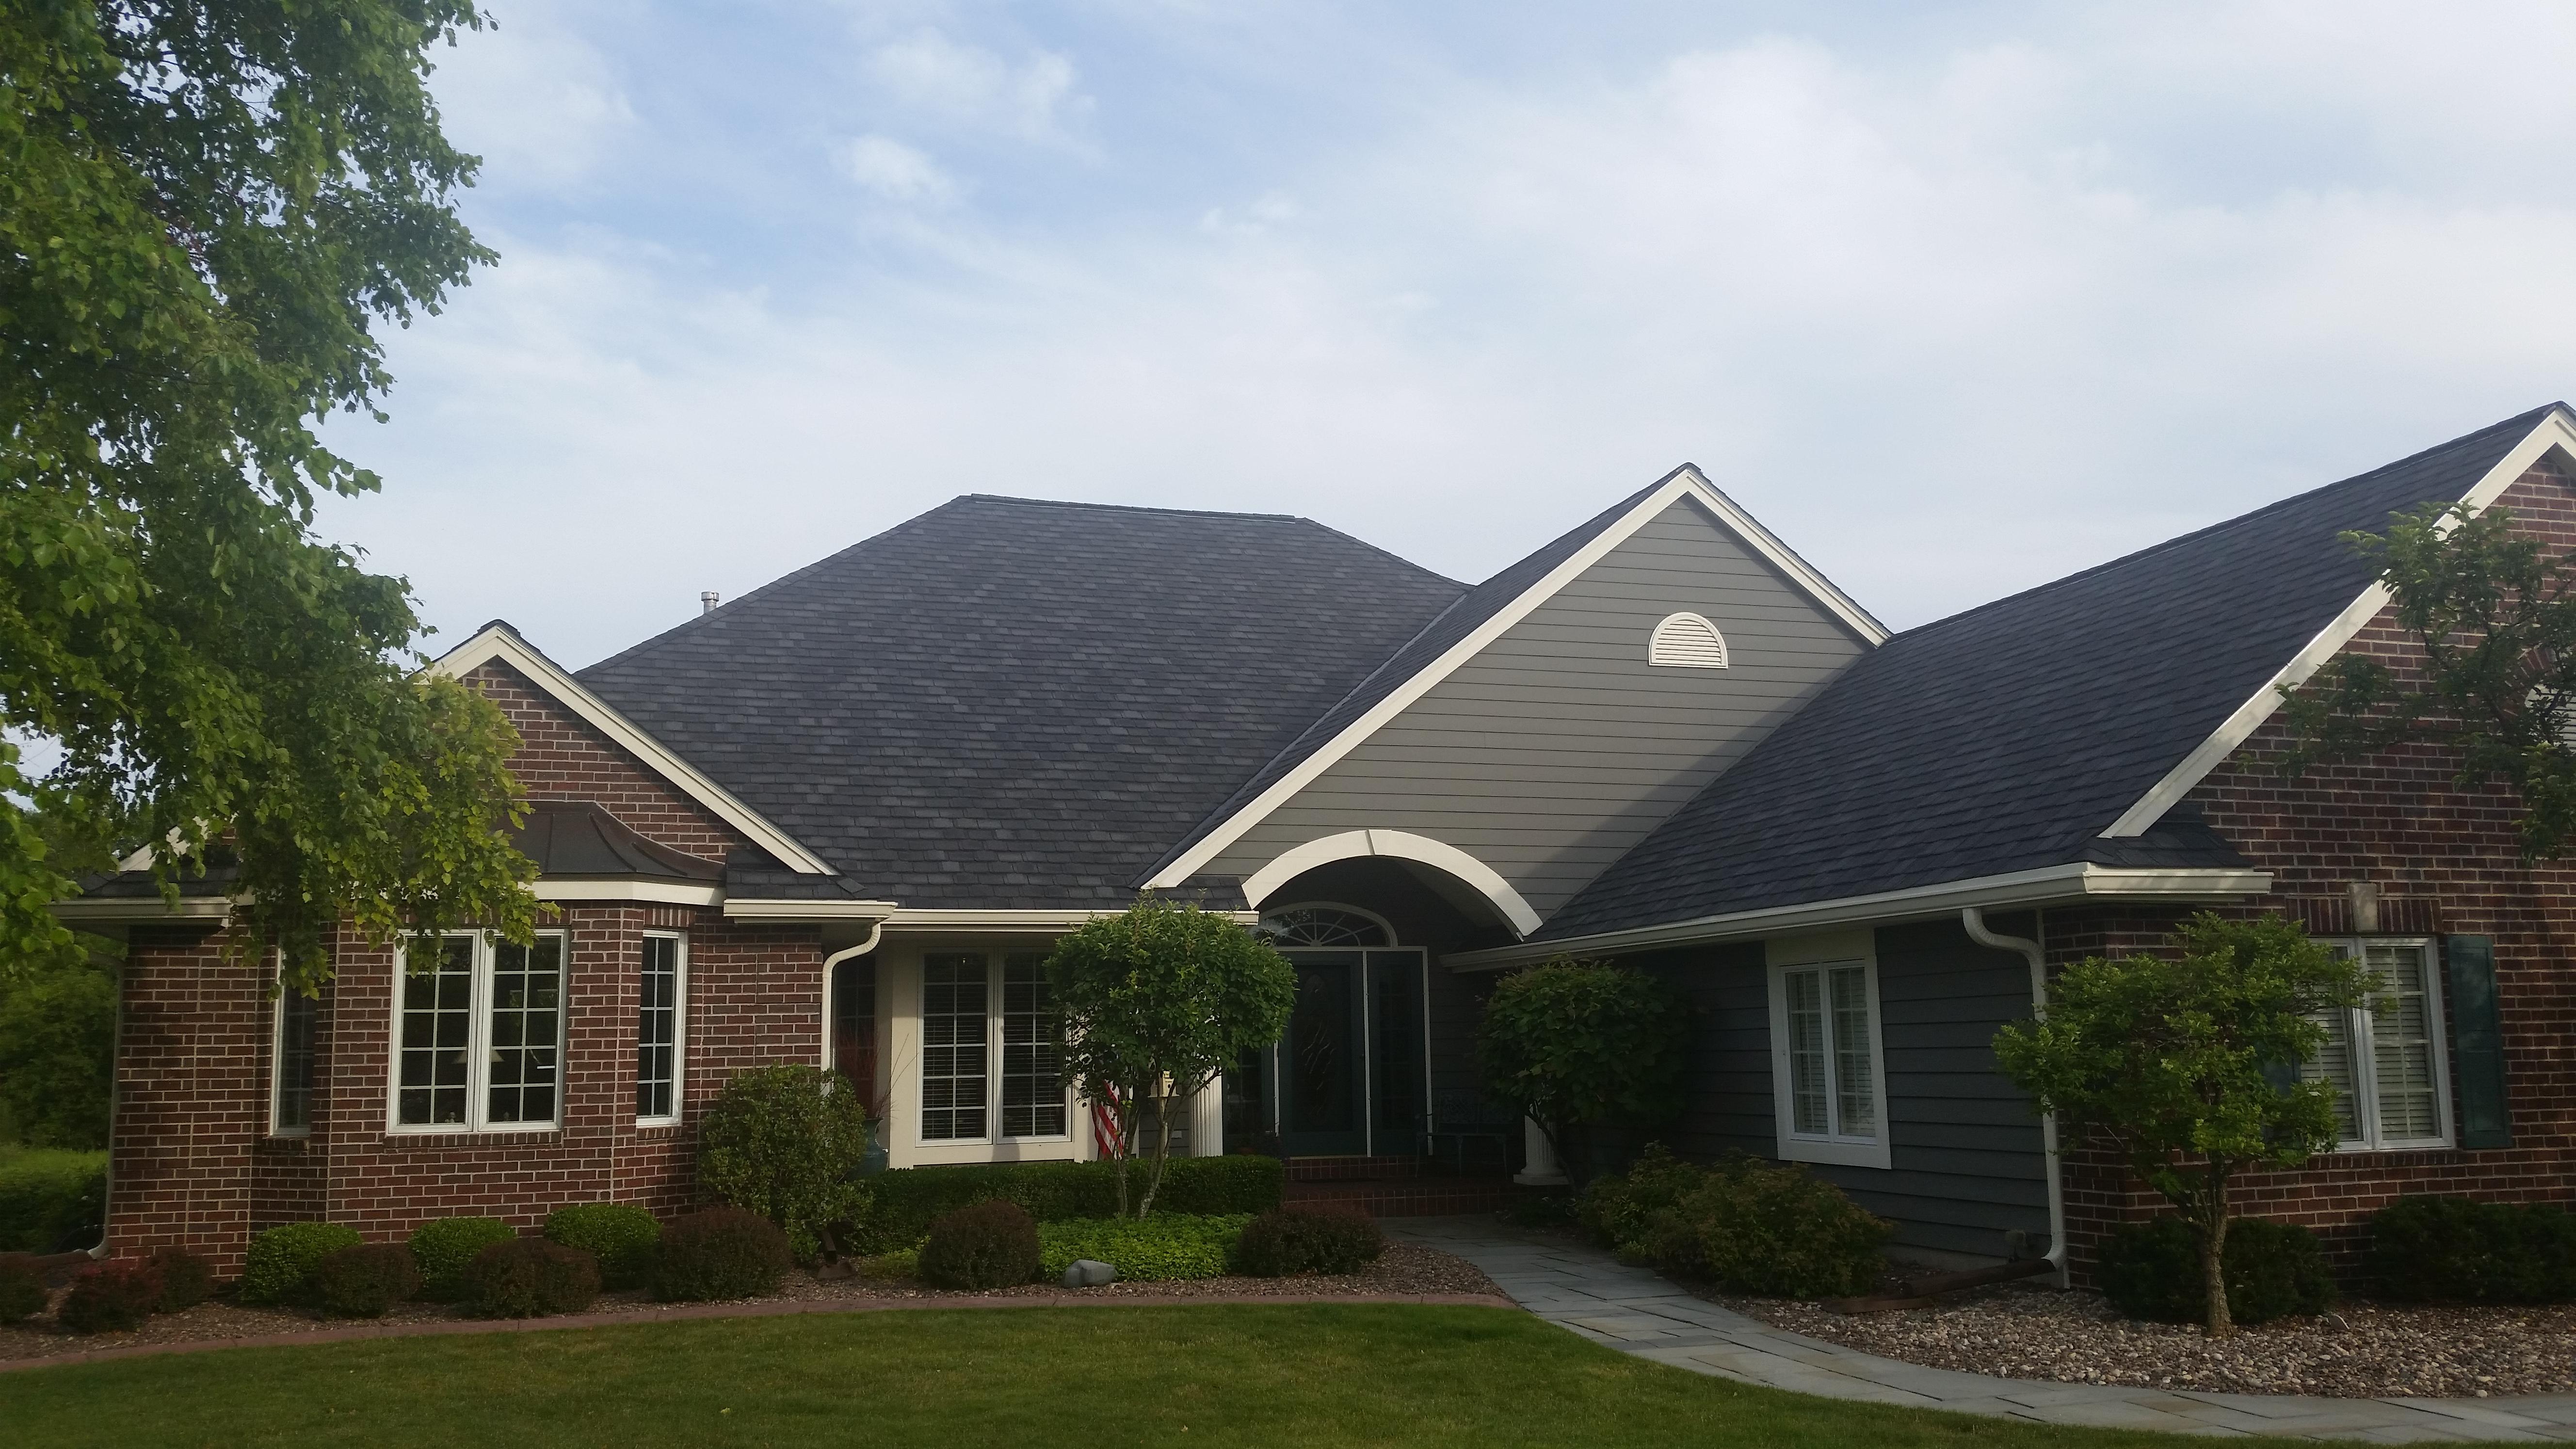 Waukesha Roofing contractor